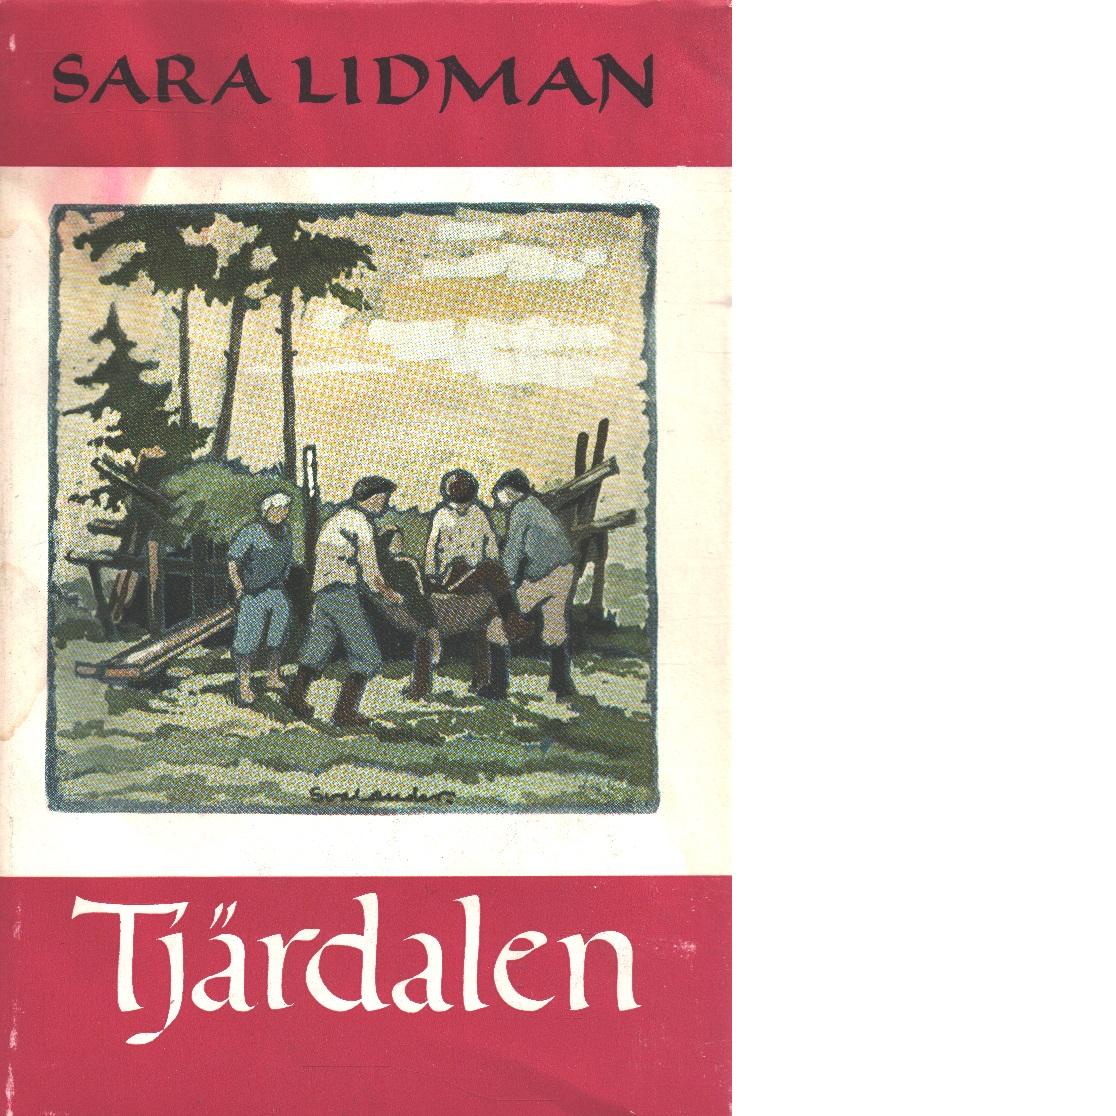 Tjärdalen - Lidman, Sara